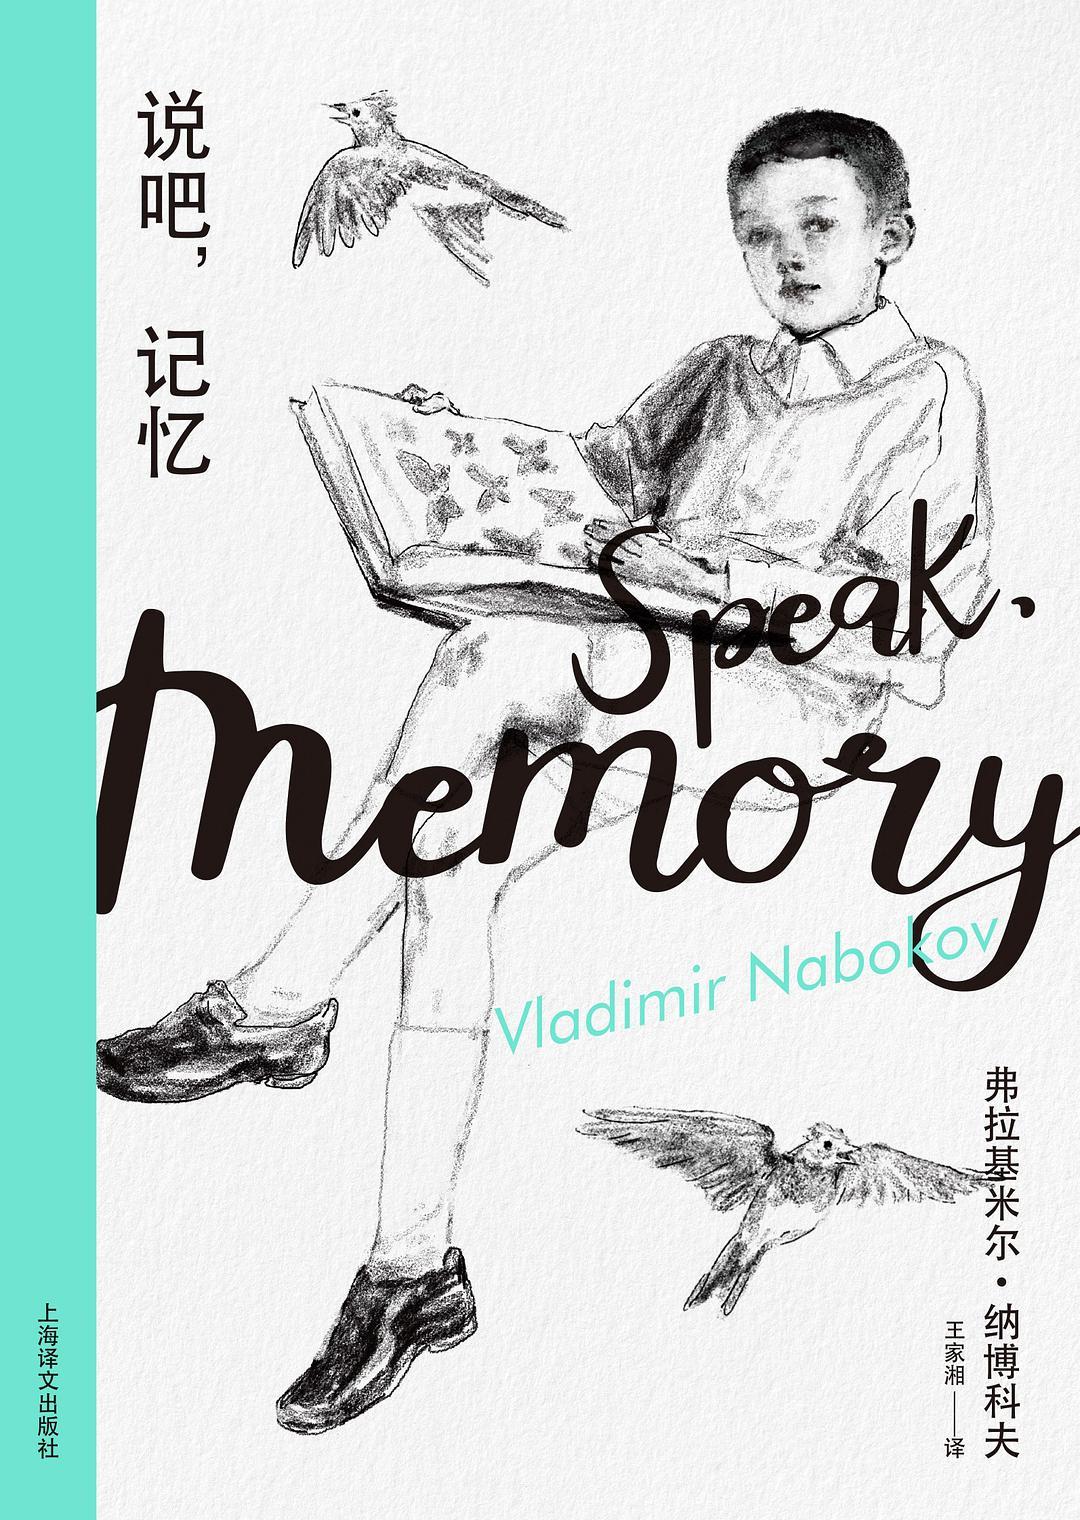 《说吧,记忆》是对传记文体的一种颠覆。在通常的文学知识里,一般会认为传记是要尽可能贴近真实的,但在普鲁斯特以来的现当代作家眼里,尤其是纳博科夫这样的作家眼中,人的记忆中还包括想象,记忆并不可靠。因而《说吧,记忆》跨越了现实与虚构,无法归类,几乎更像是一部小说。经过漫长岁月的淘洗,有些东西消失了,有些东西留存下来,其间的取舍很微妙。纳博科夫拥有非常惊人的记忆力,能从过去的时光中抢救出无暇的记忆碎片,并用像植物一样蔓卷的语言,在文本中富有装饰性地把思绪延伸开来。